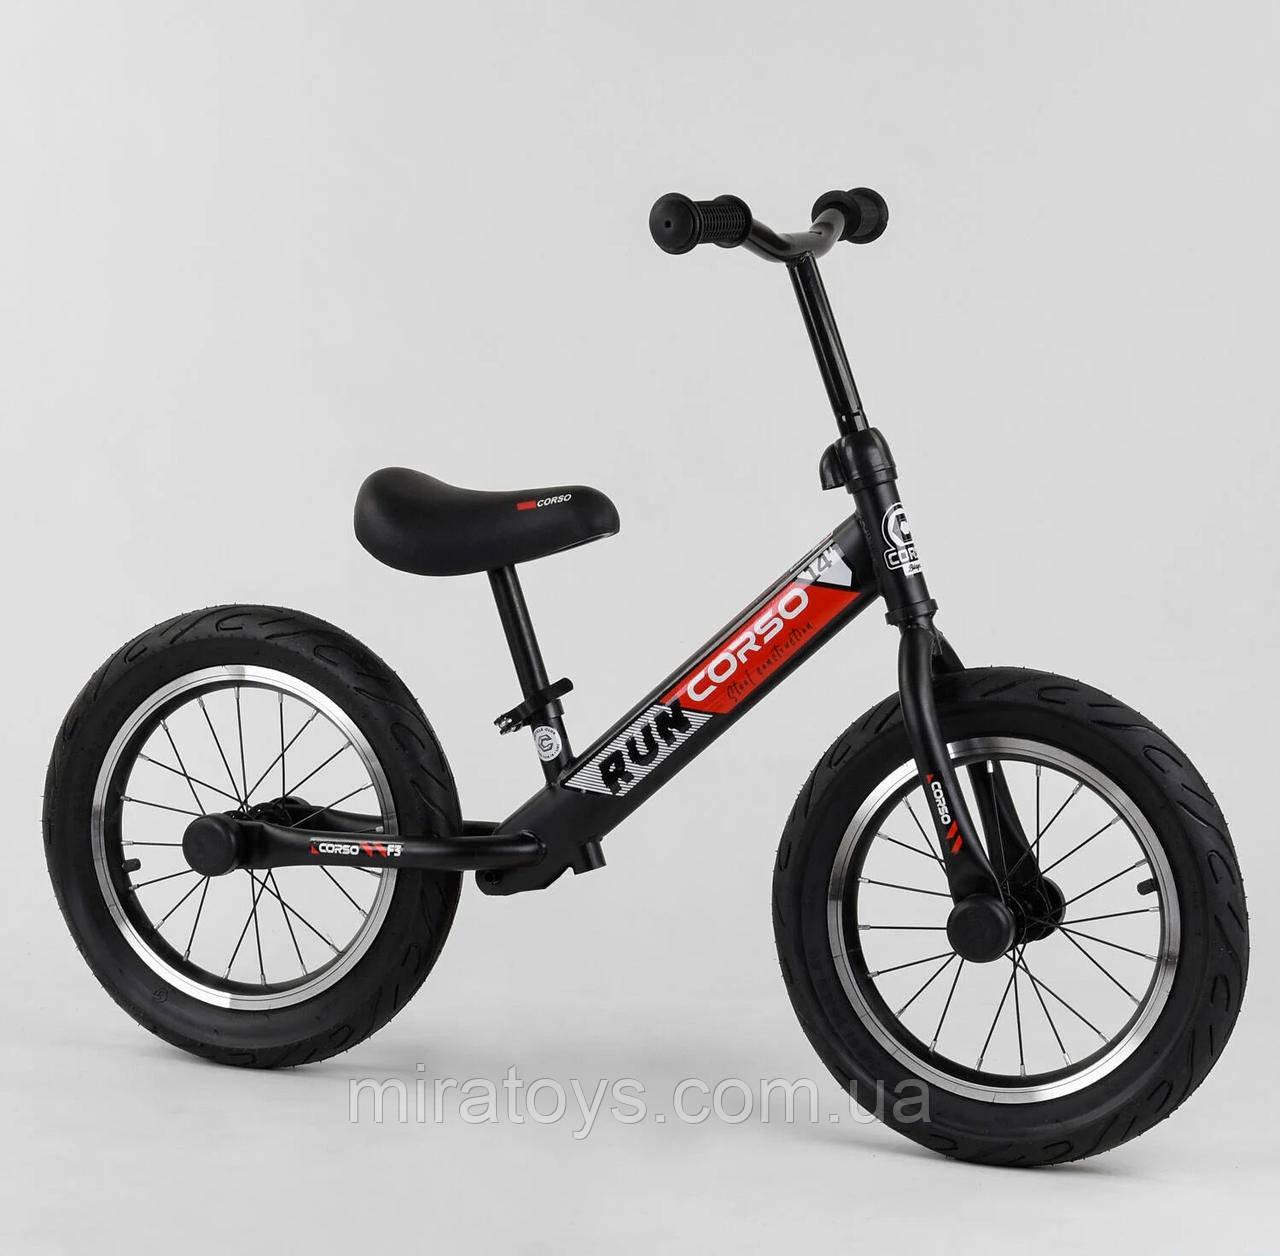 """Двоколісний беговел велобіг від CORSO 5136 для дітей з надувними колесами 14"""" і регулюванням сидіння"""